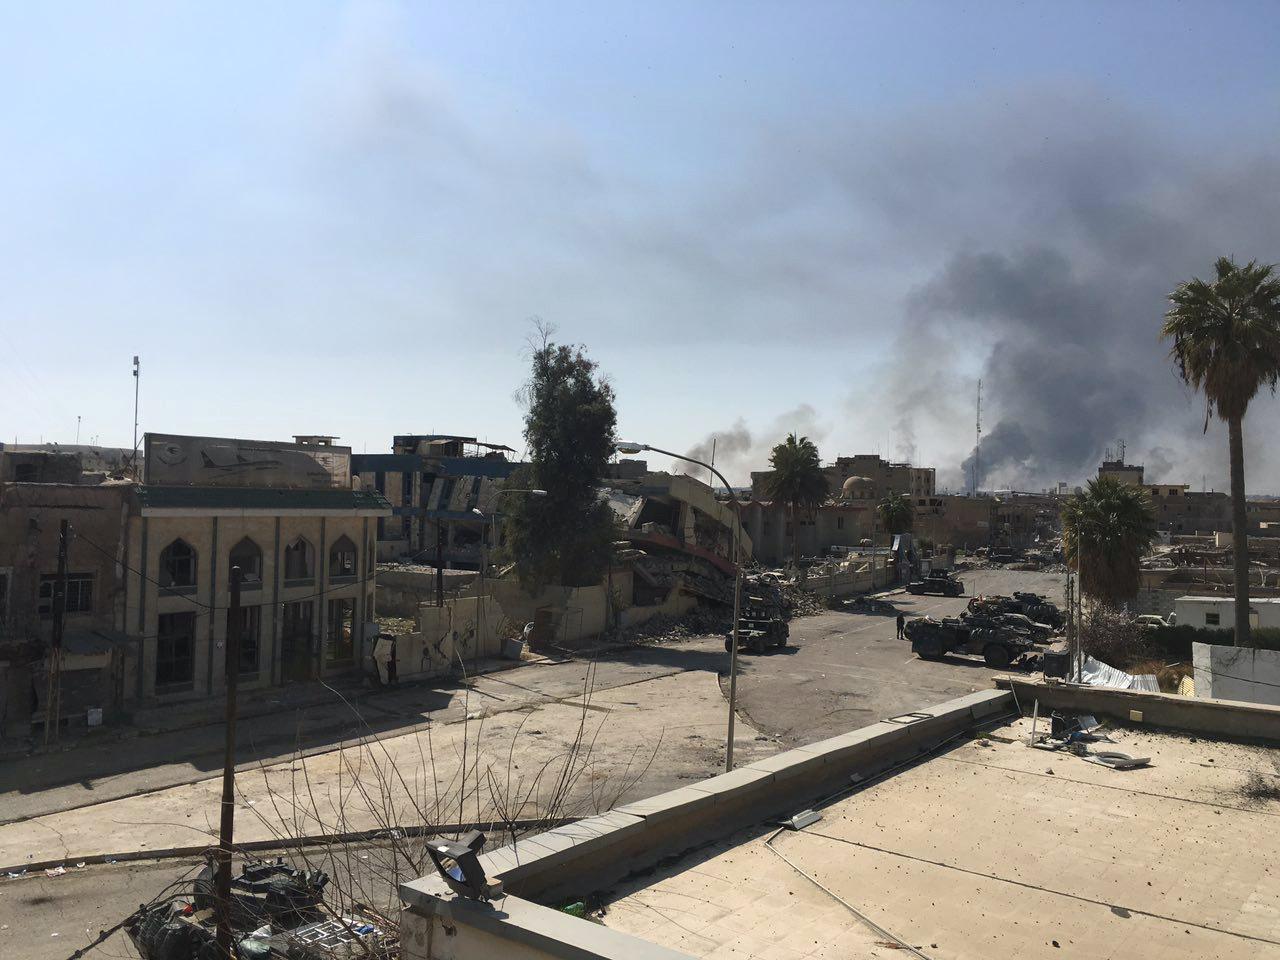 قوات عراقية تنتزع السيطرة على مجمع حكومي بالموصل